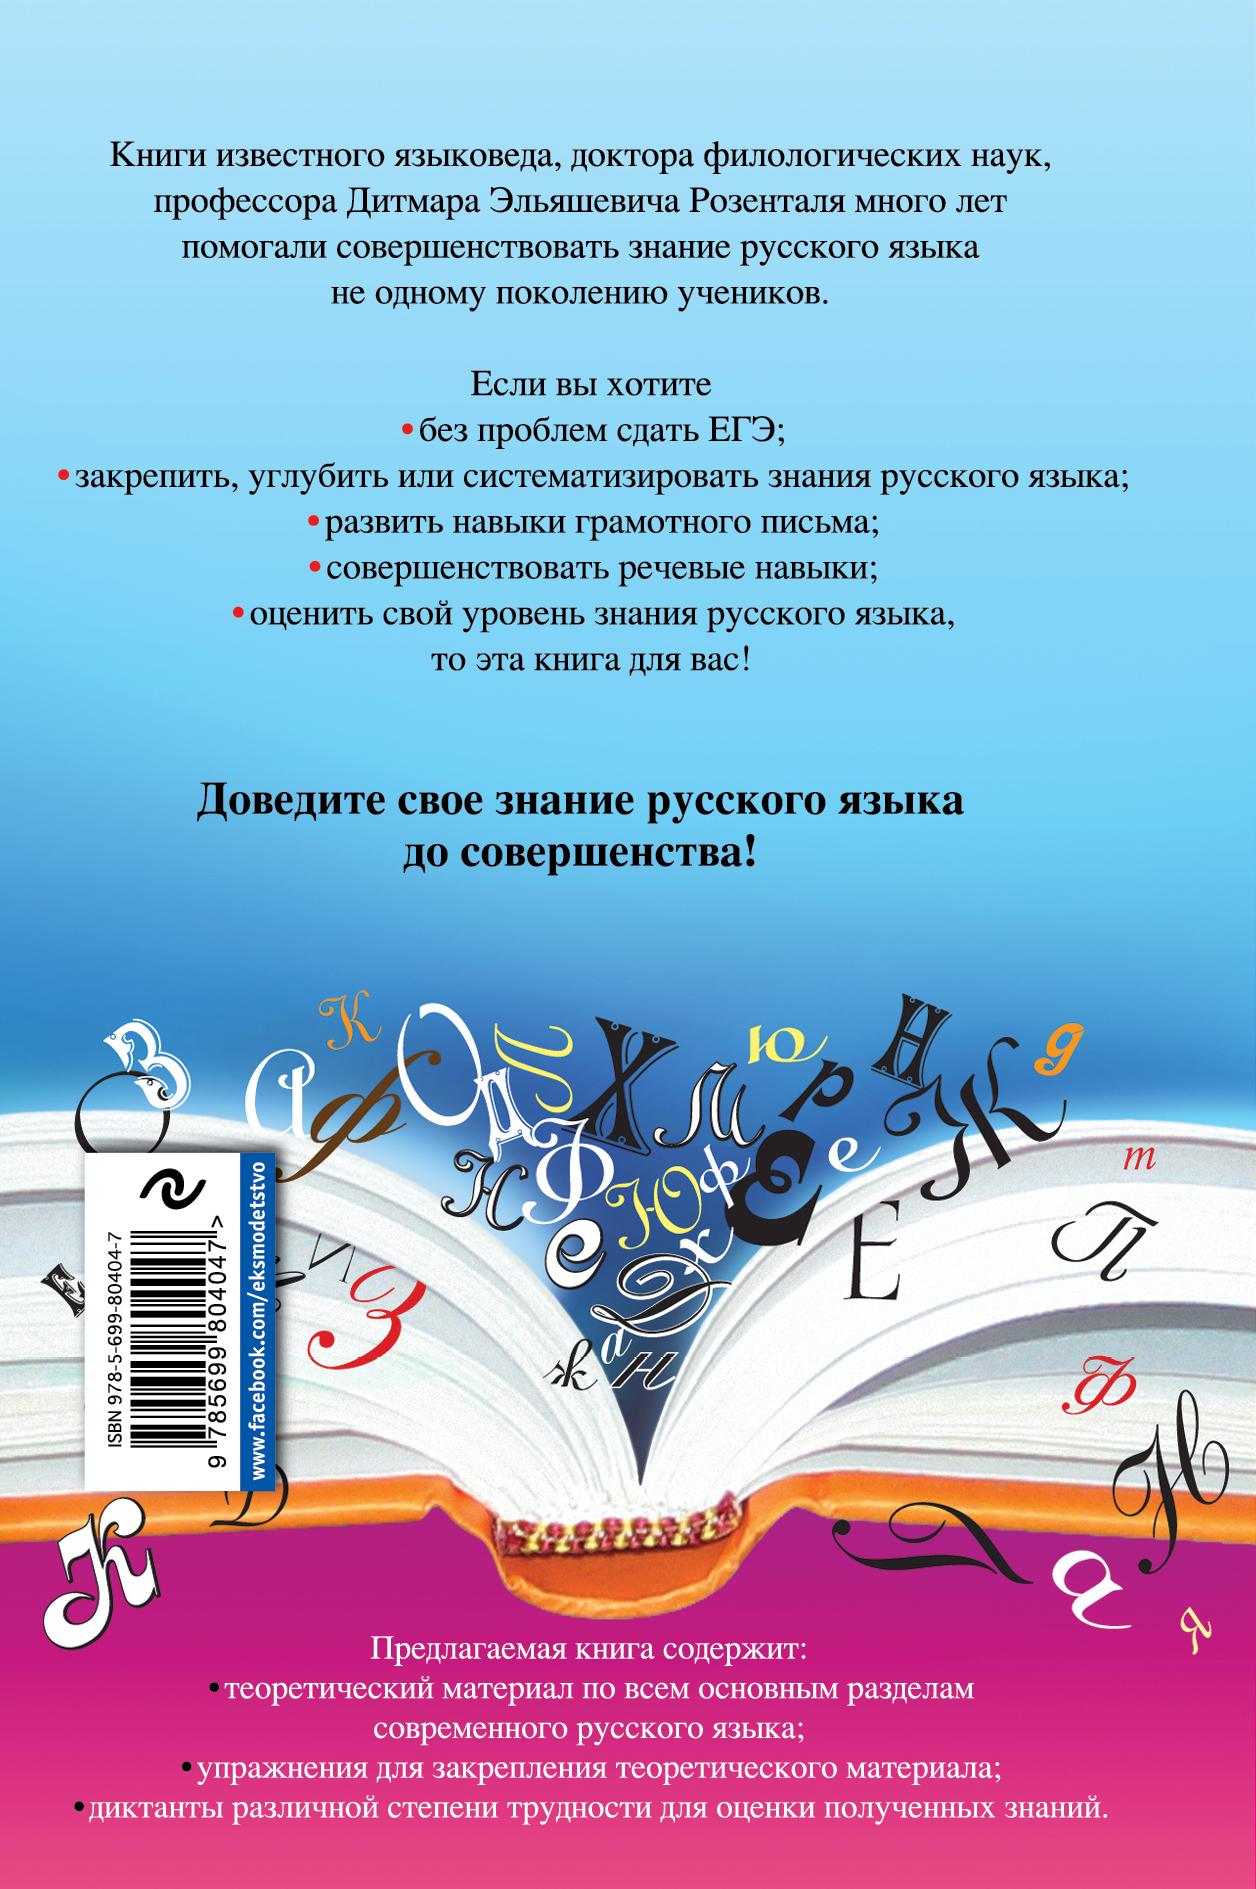 знание русского языка сочинение